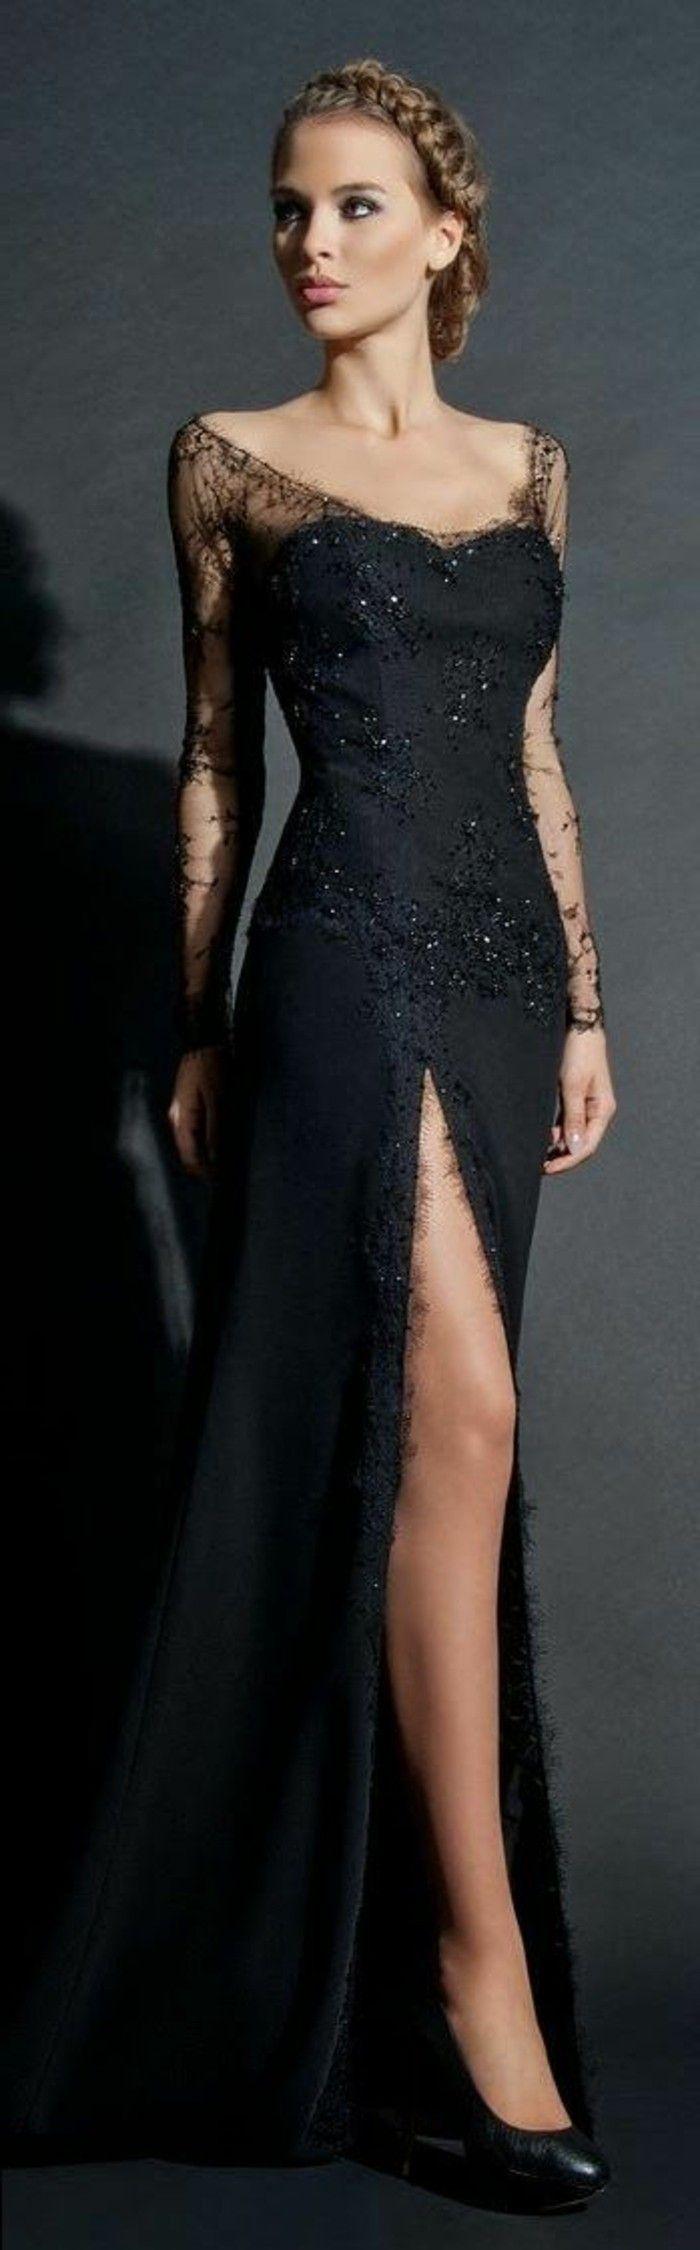 Abendkleider lang mit tattoo spitze - Stylische Kleider ...